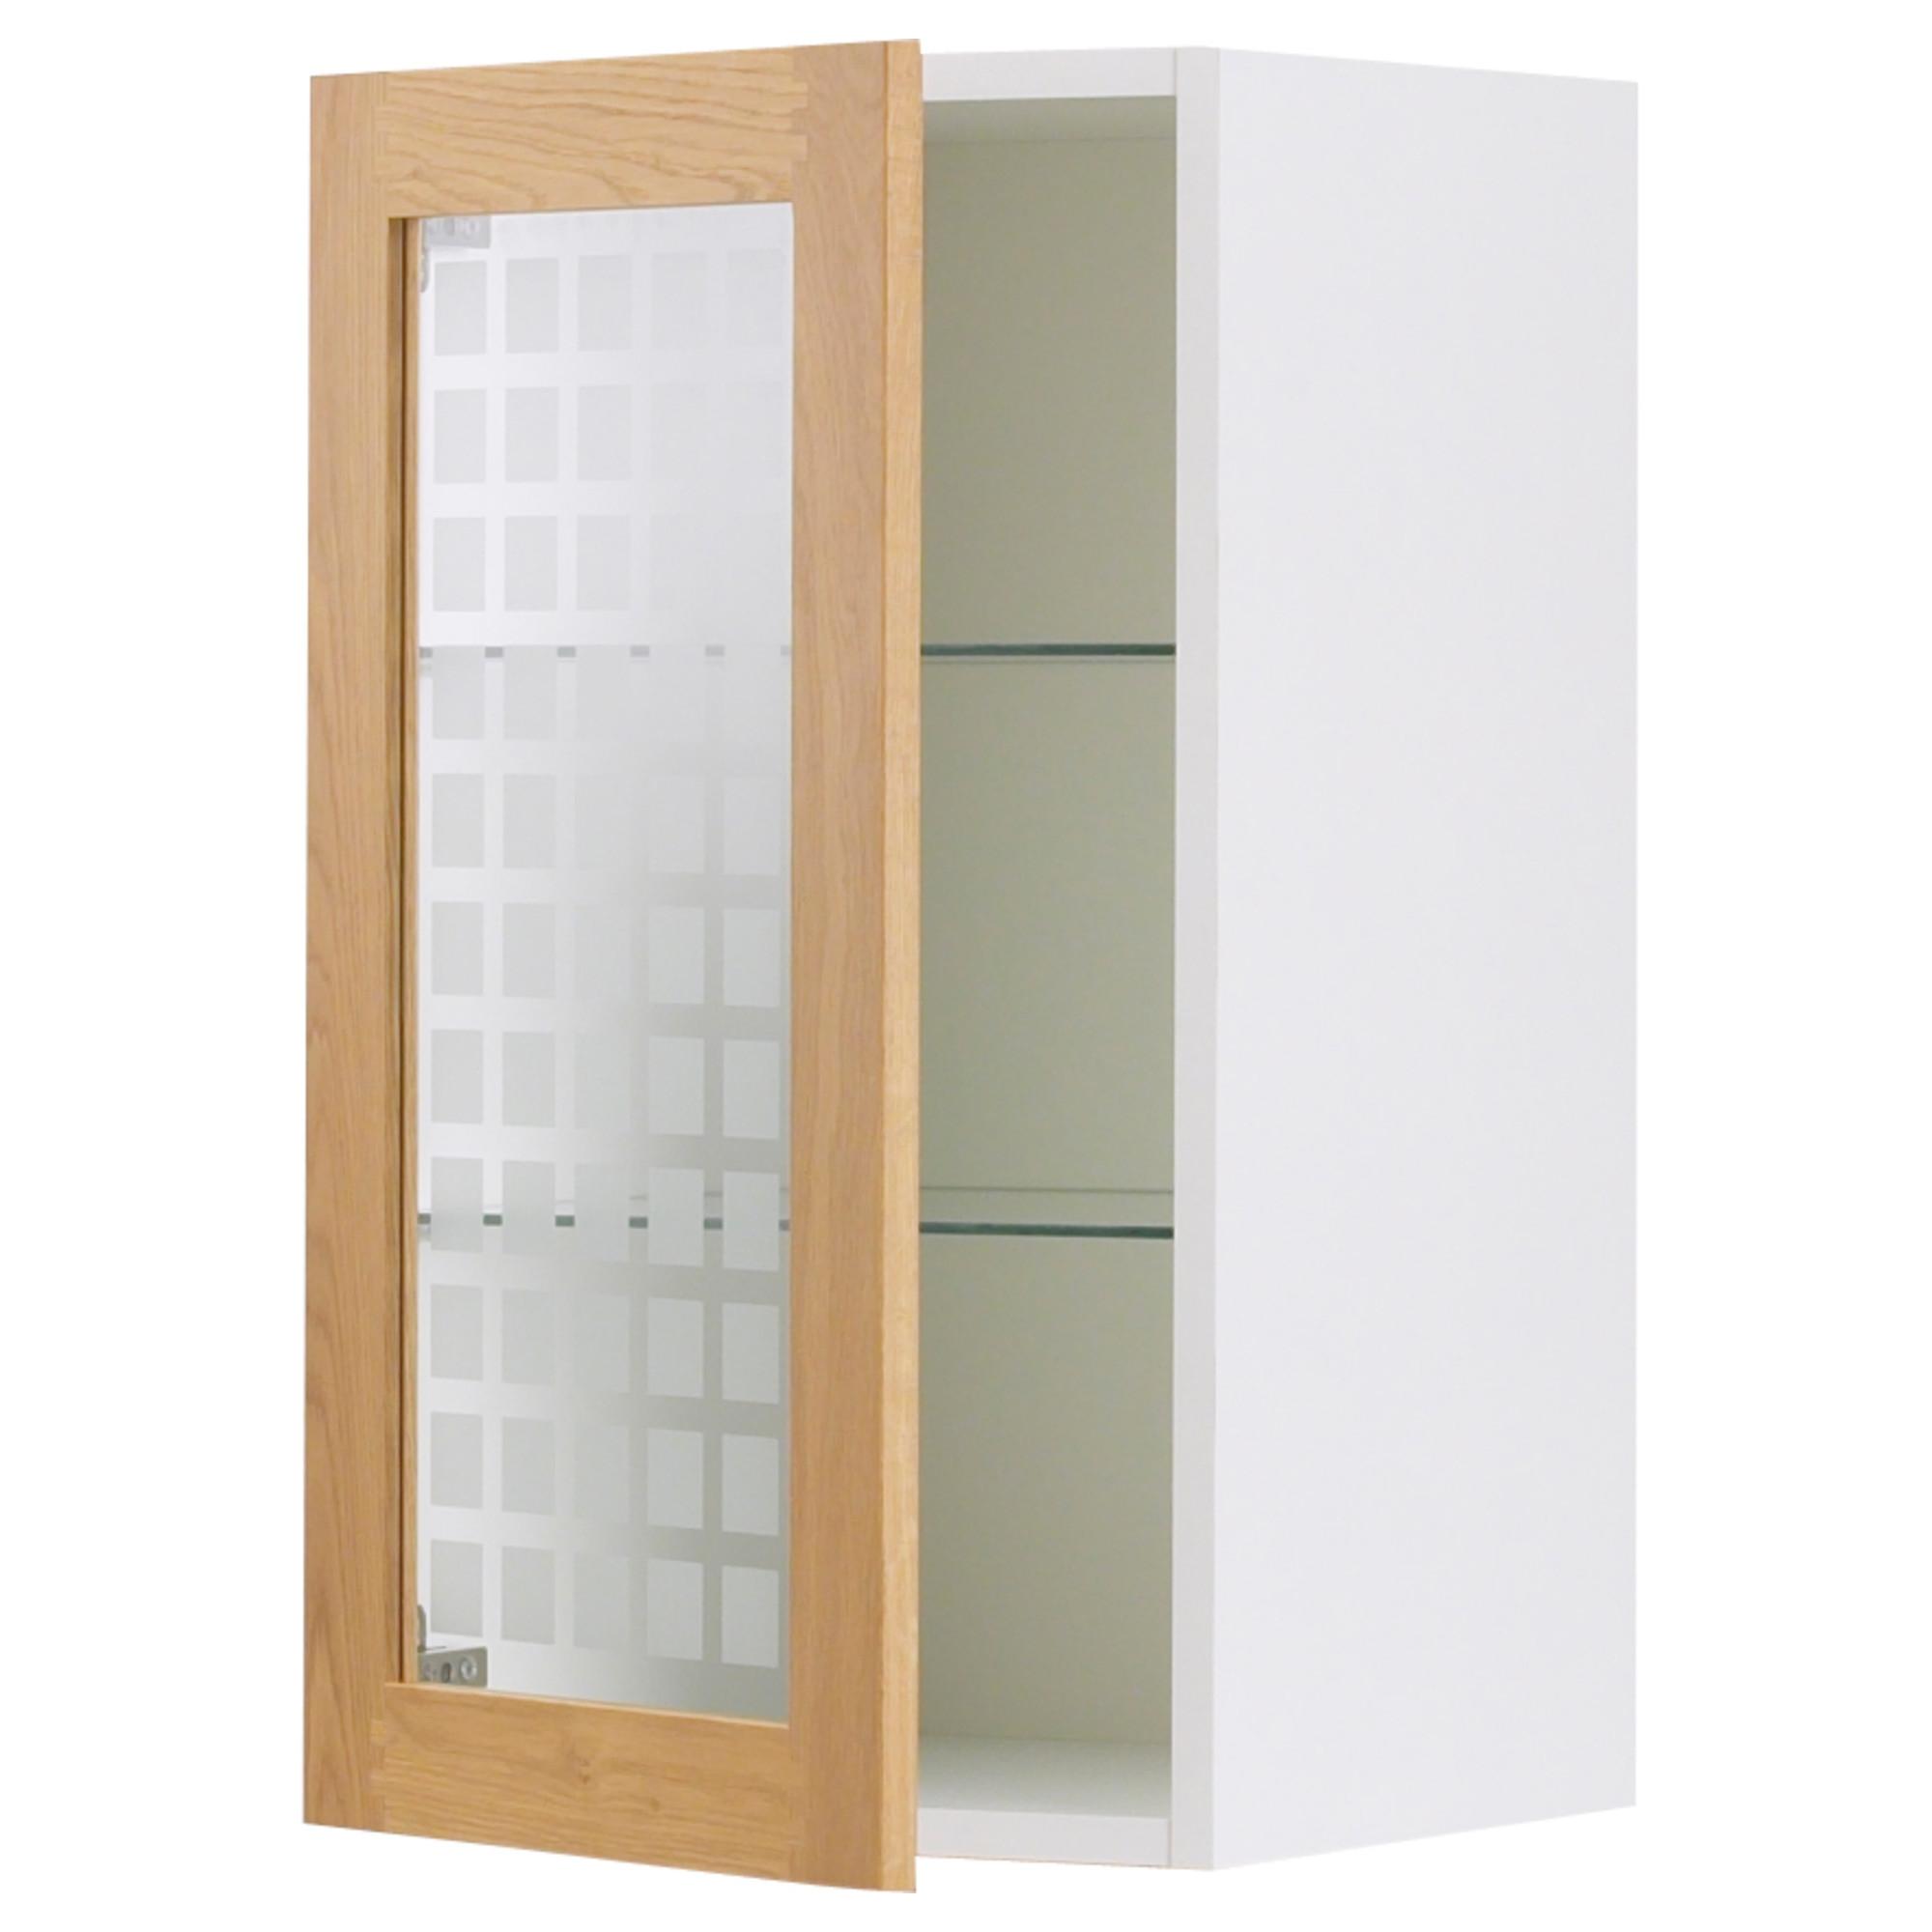 Фактум навесной шкаф со стеклянной дверью тидахольм дуб 30x7.